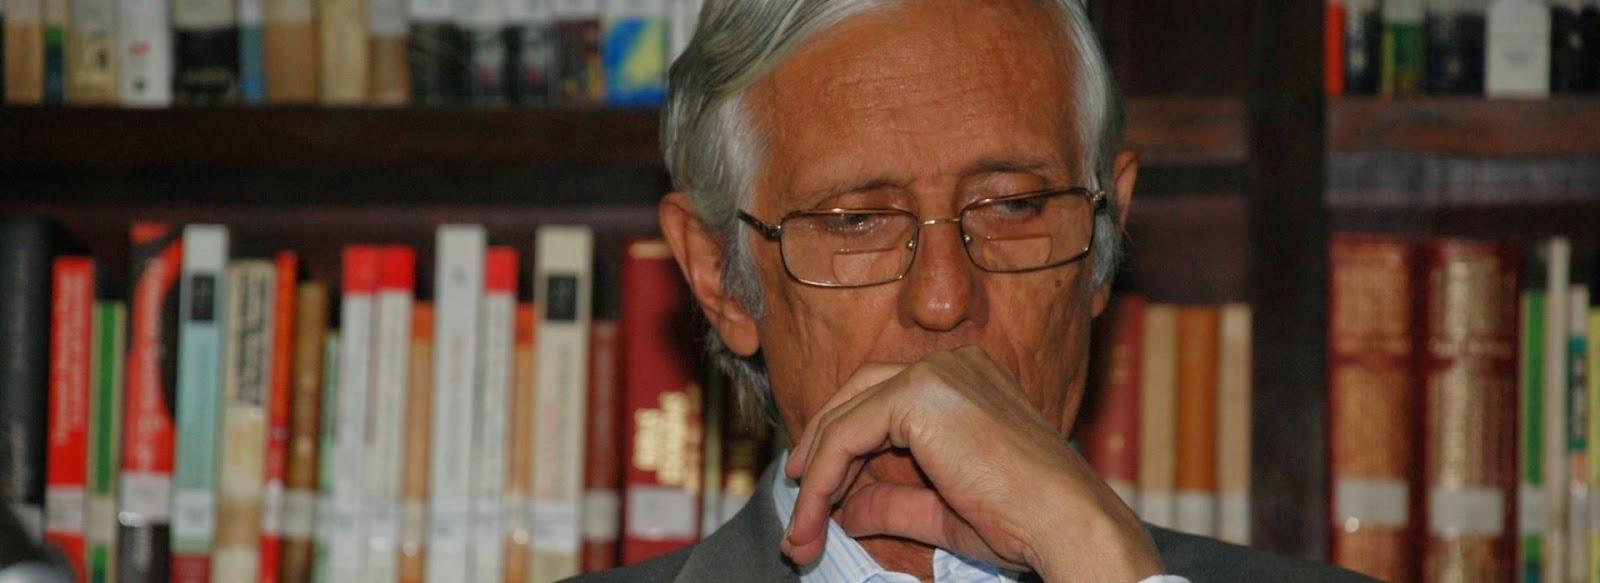 Giovanni Quessep. Imagen: letrafresca.blogspot.com